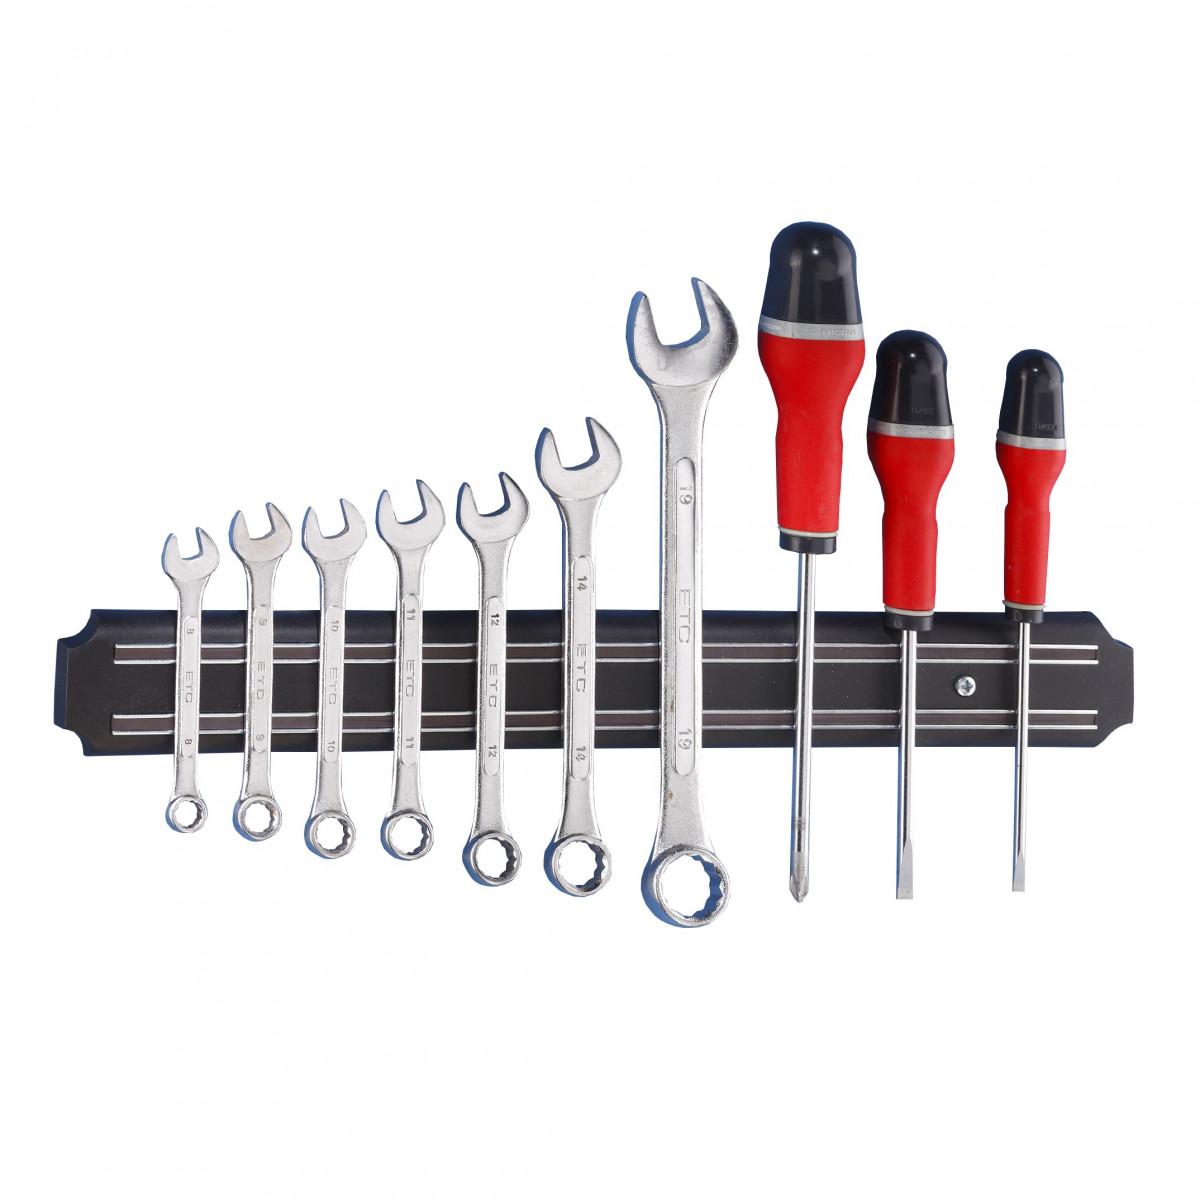 barre magn tique porte outils noire 38 cm livraison possible en 48h. Black Bedroom Furniture Sets. Home Design Ideas